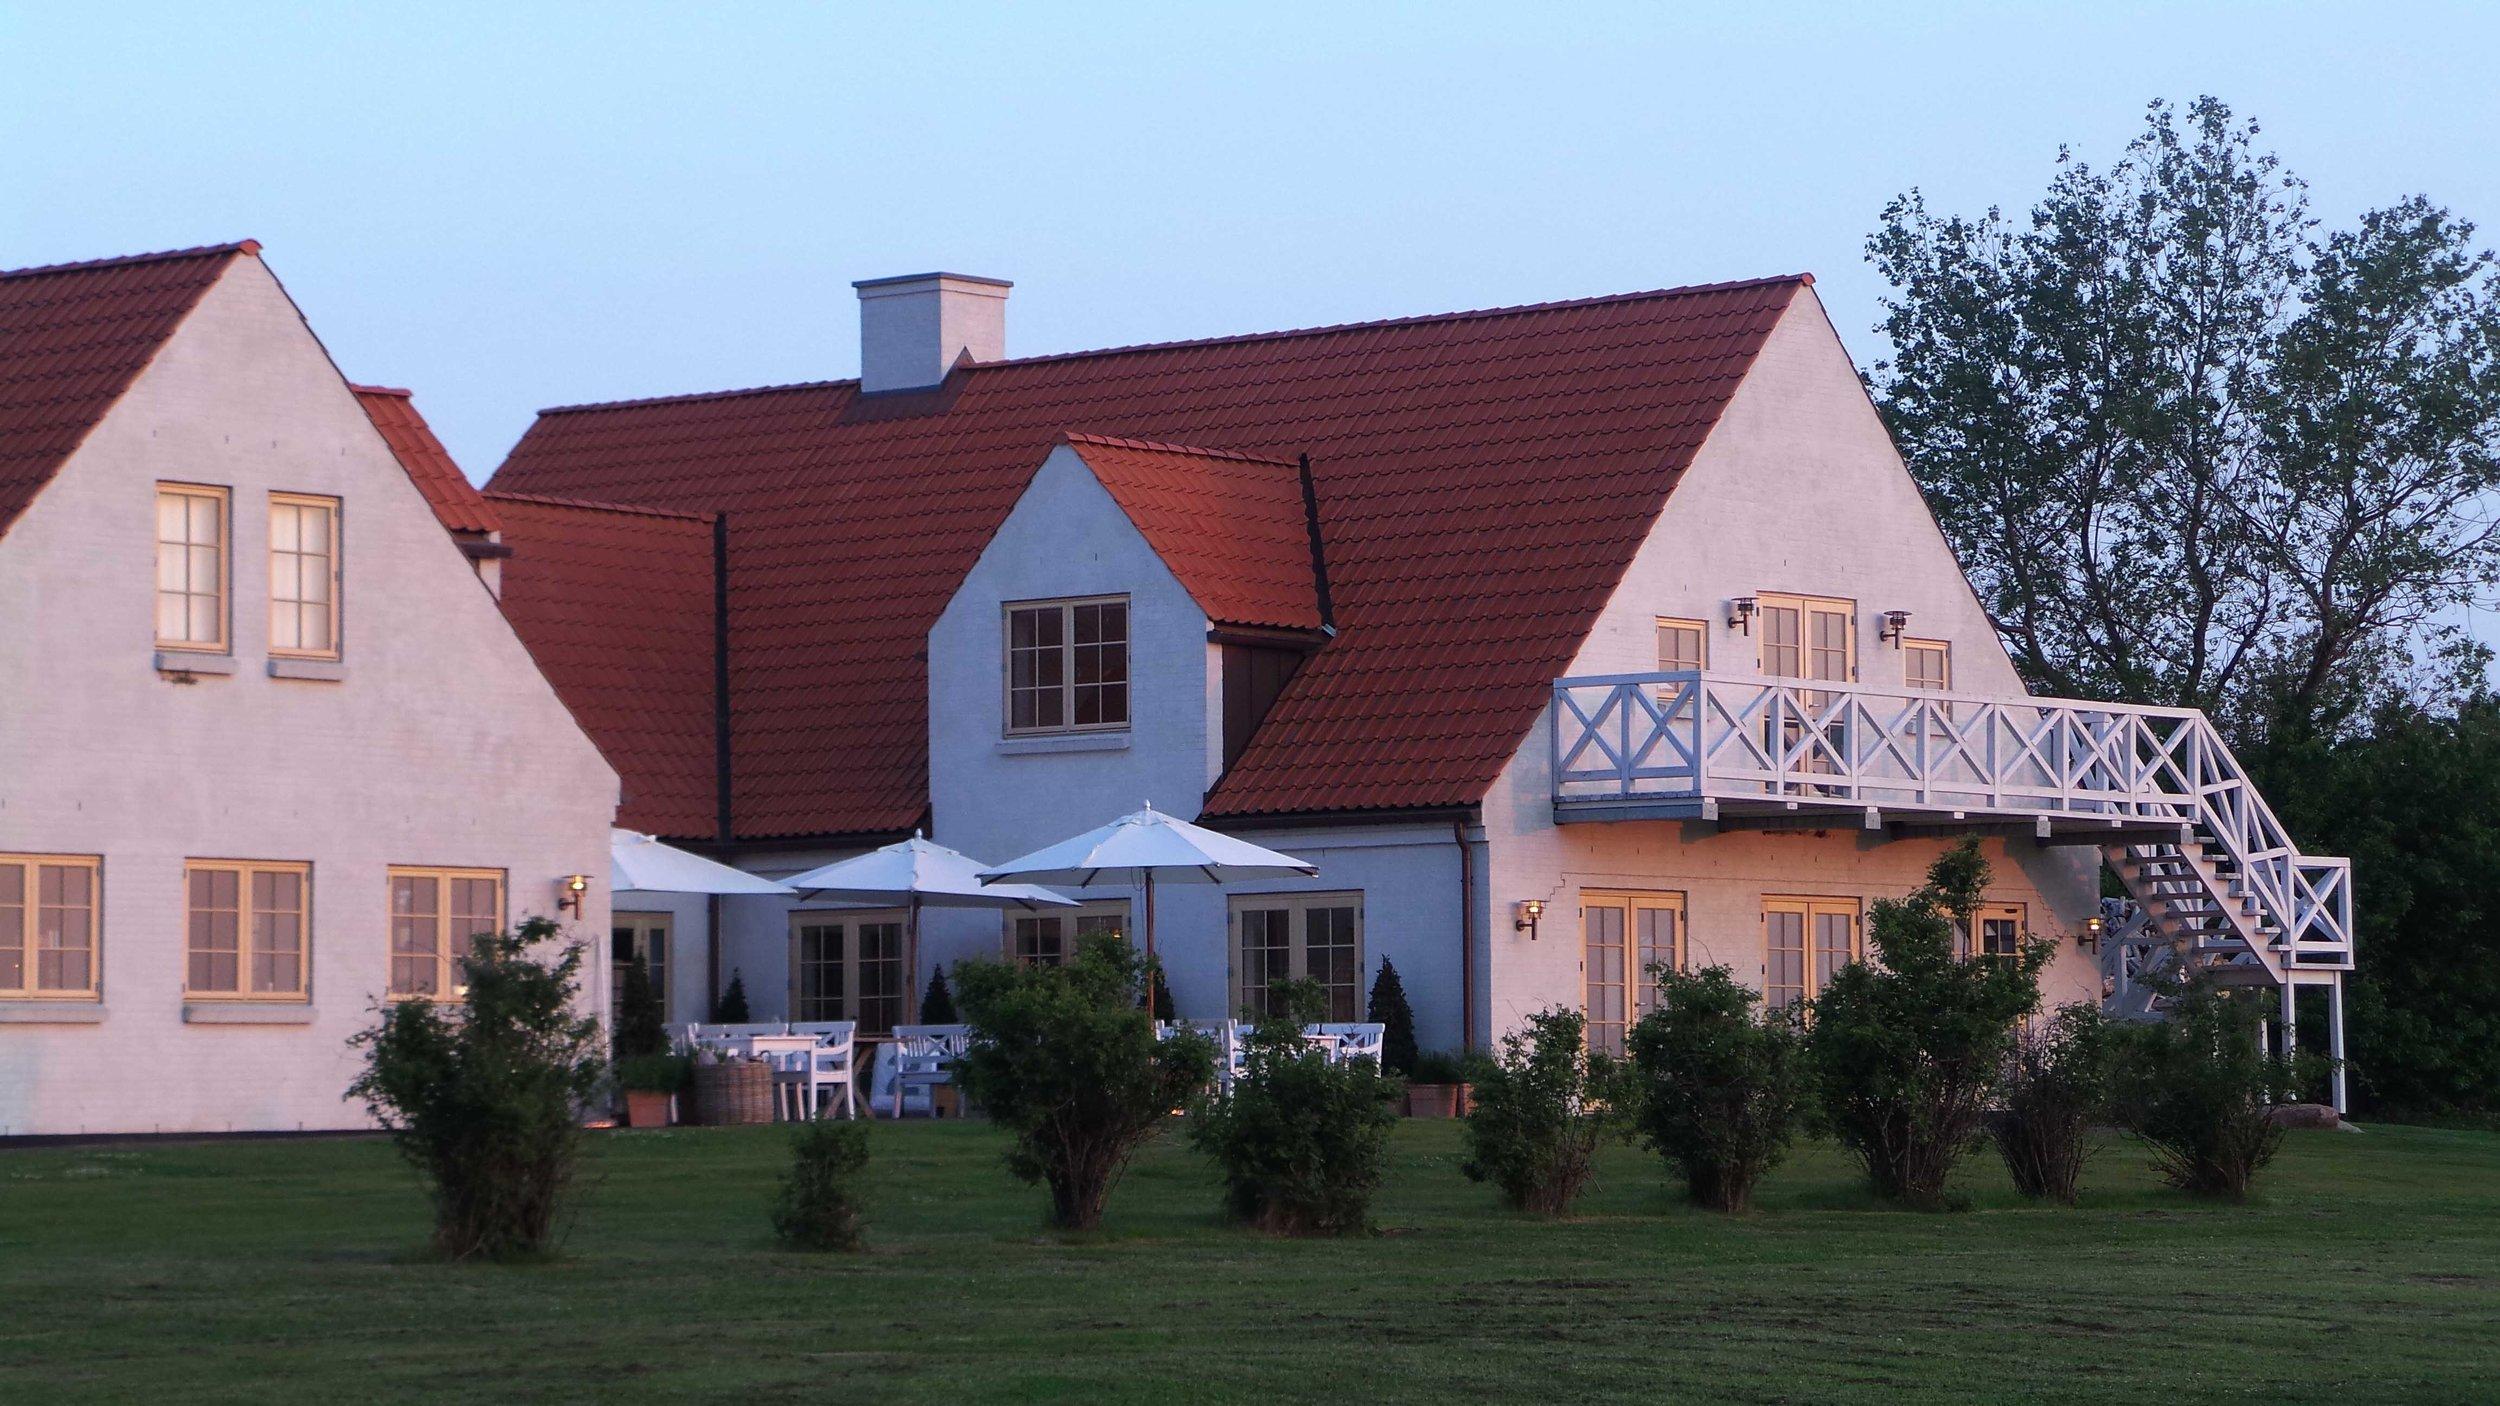 plads til businessevents ved skipperly vejrø resort.jpg